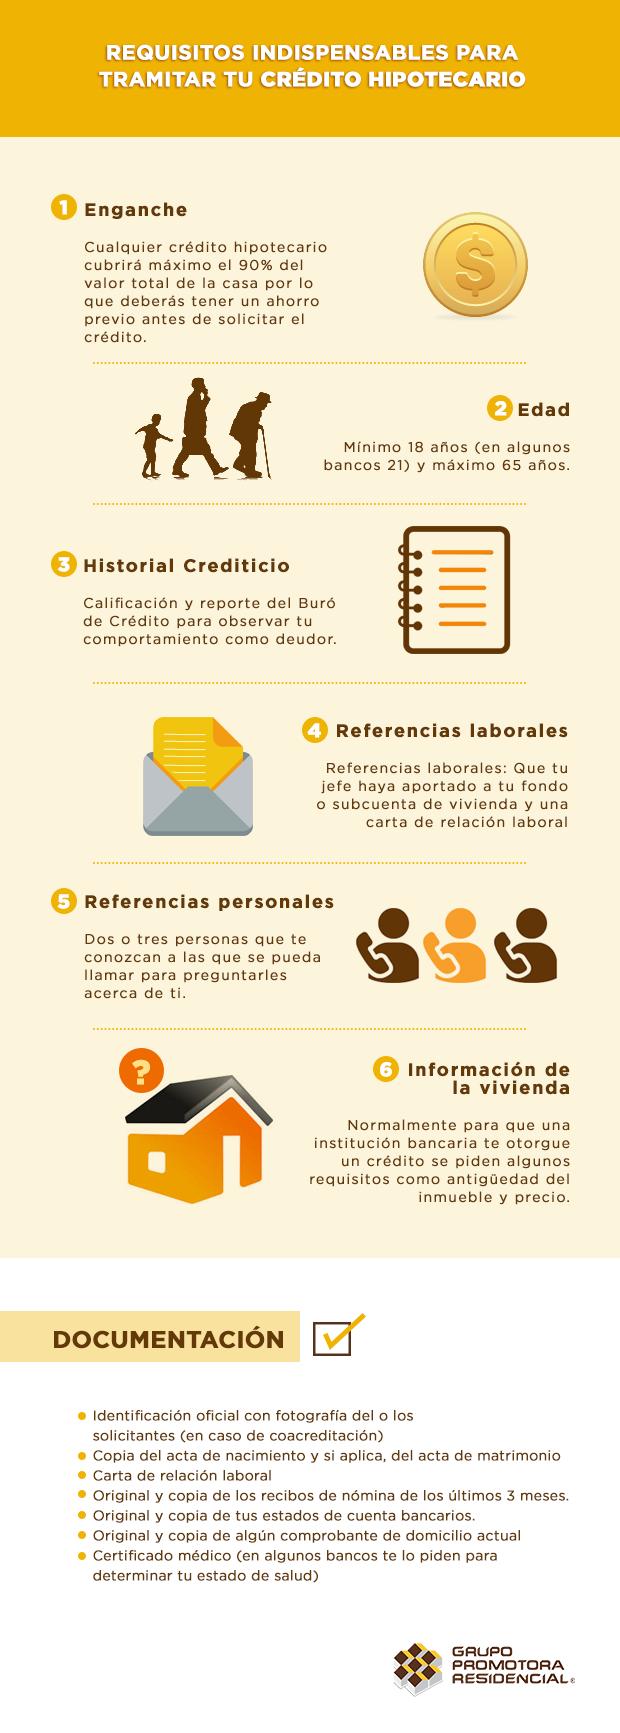 Requisitos-tramitar-crédito-hipotecario